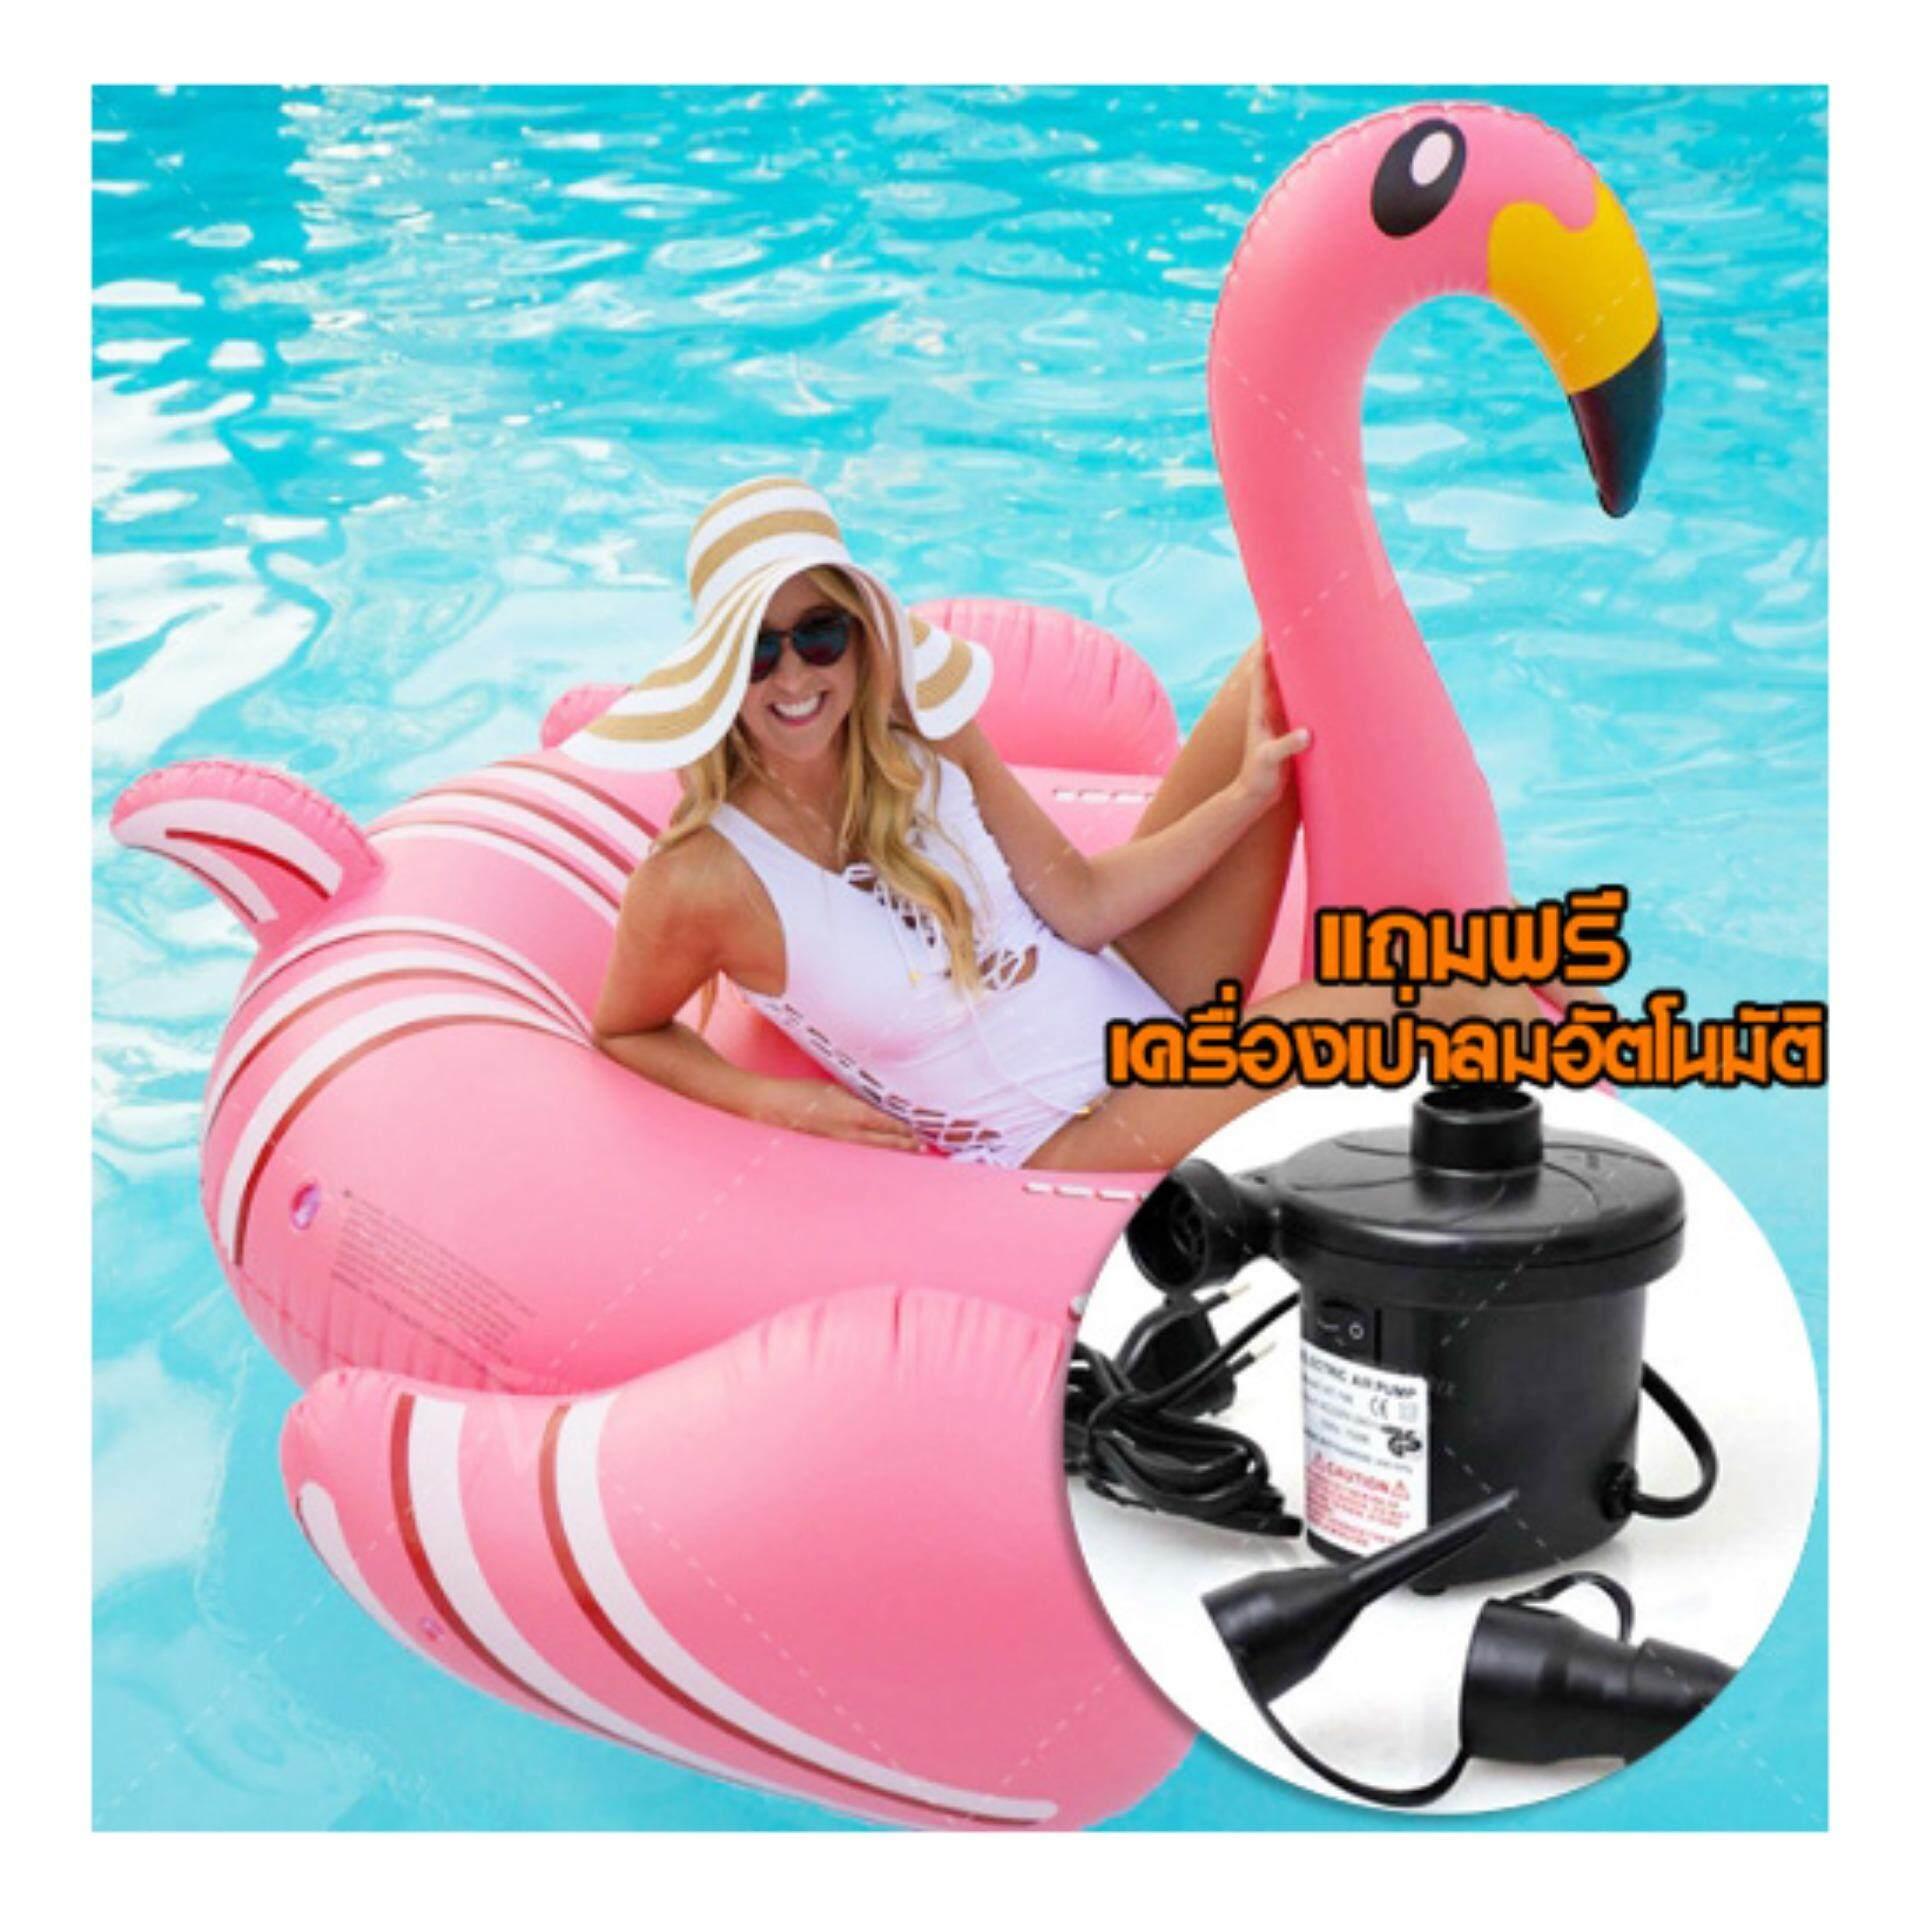 Atrix ซื้อ 1 ได้ถึง 2 Atrix ห่วงยางแฟนซี ฟลามิงโก Flamingo แพยางฟลามิงโก้ พาสเทล Size L สุดคุ้ม รุ่น Kds-0012 สีเรนโบว์ (สีชมพู) แถมฟรี เครื่องสูบลมอัตโนมัติ Kdh-0026.